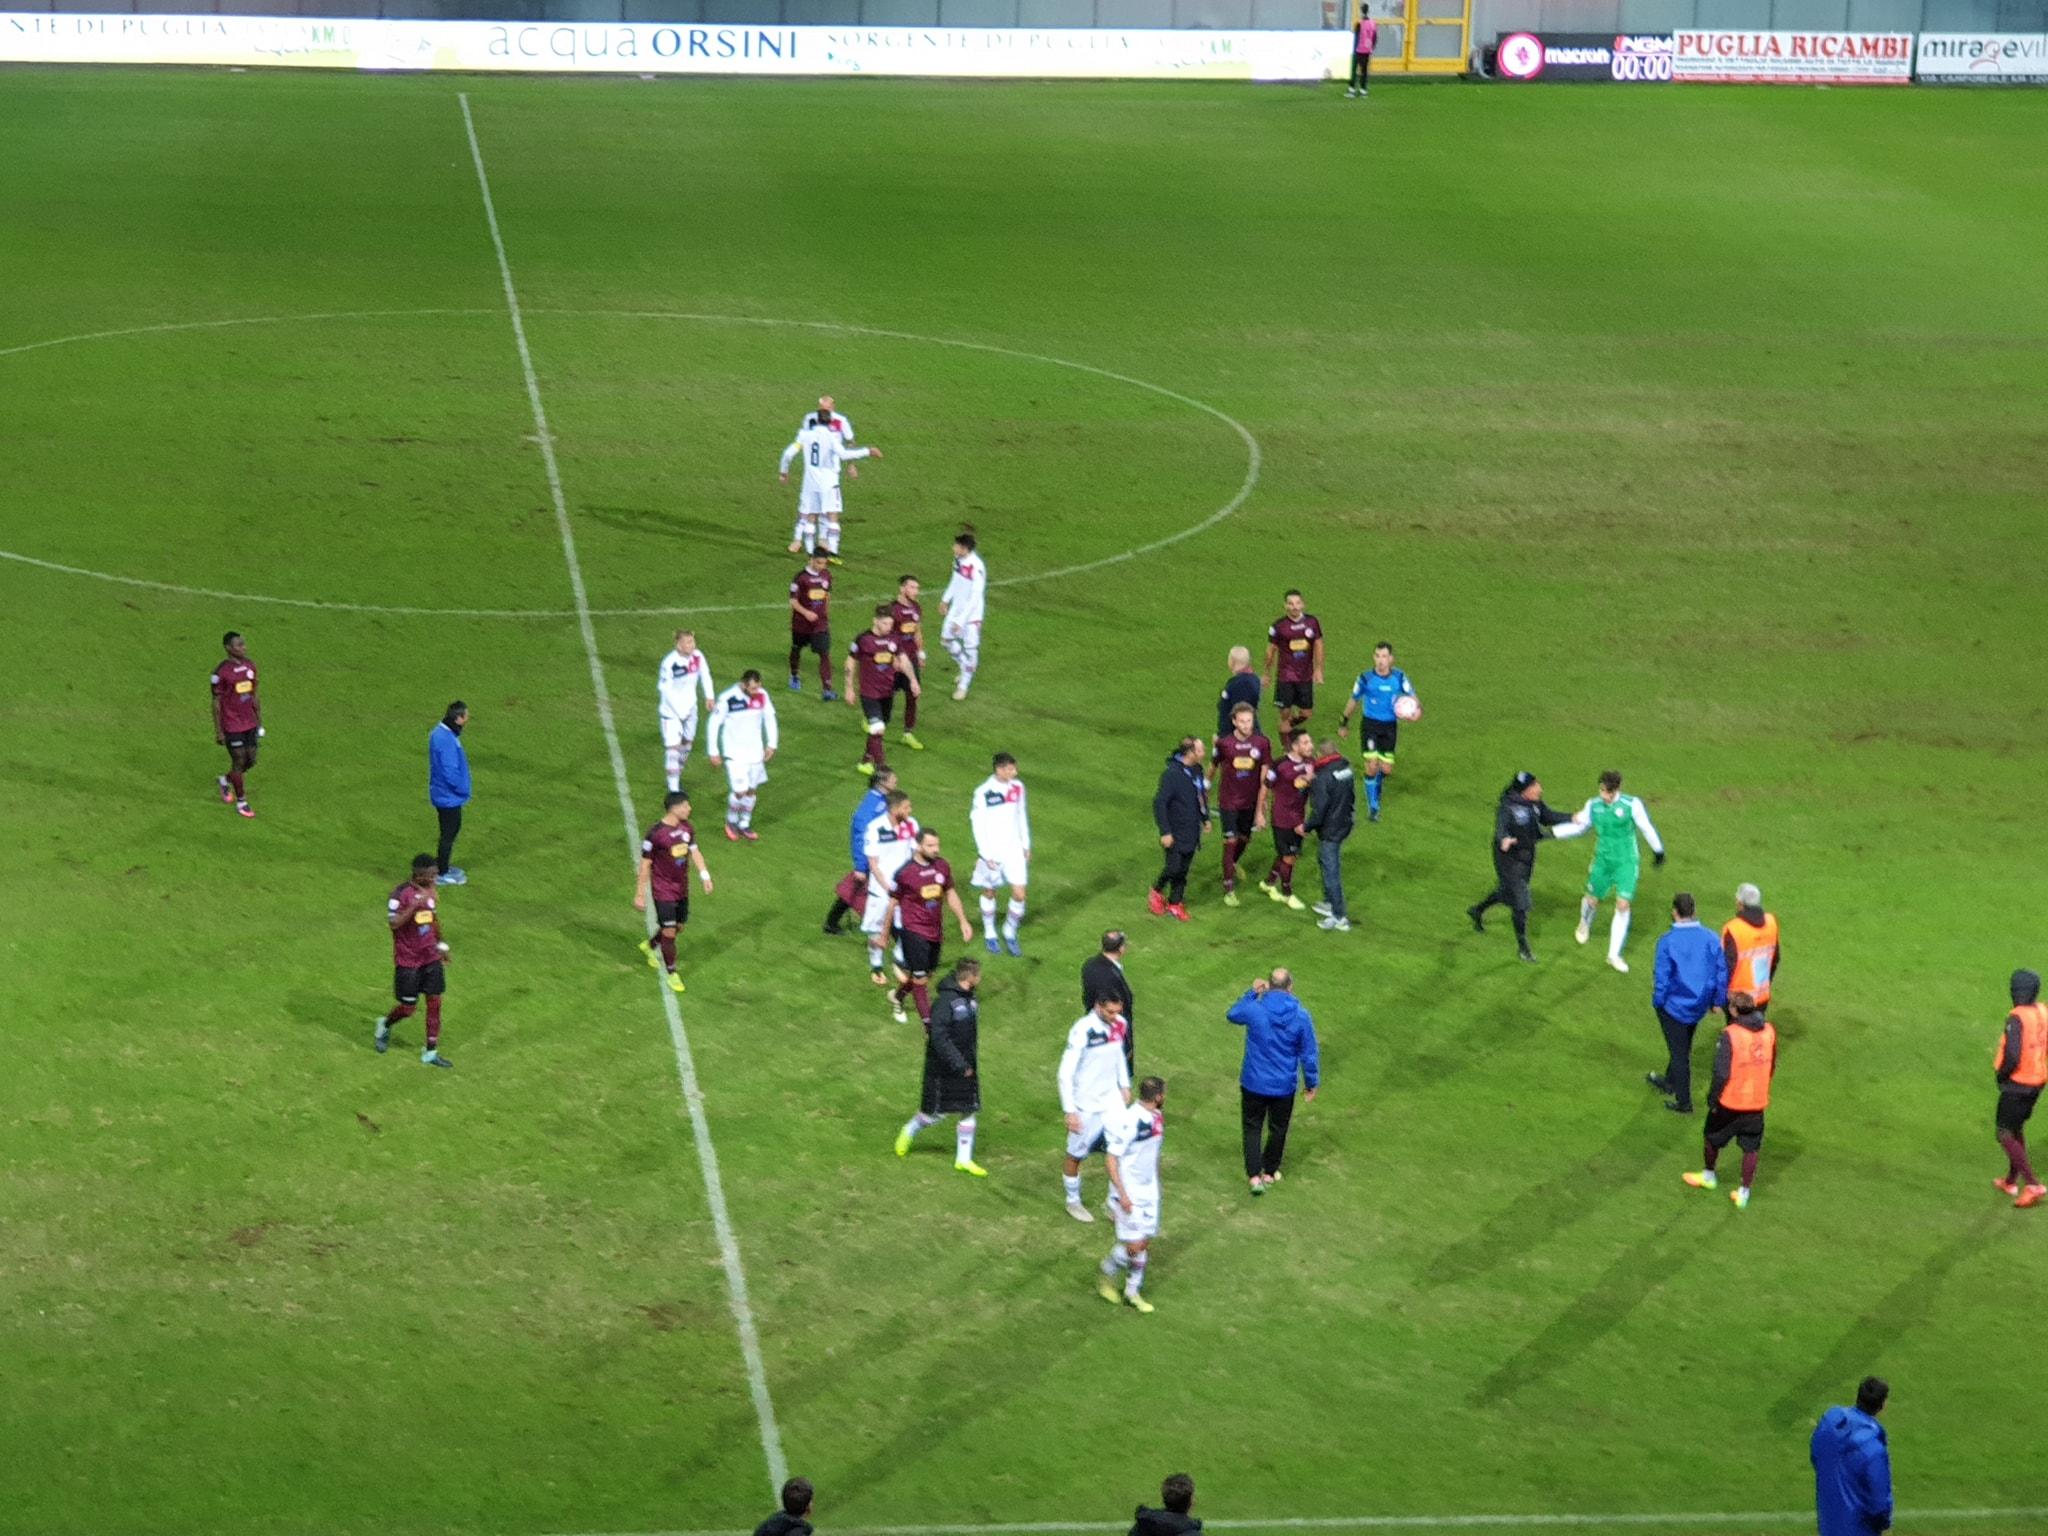 Coppa Italia Serie D: Acireale sconfitto dal Foggia - ilovepalermocalcio.com - Il Sito dei Tifosi Rosanero